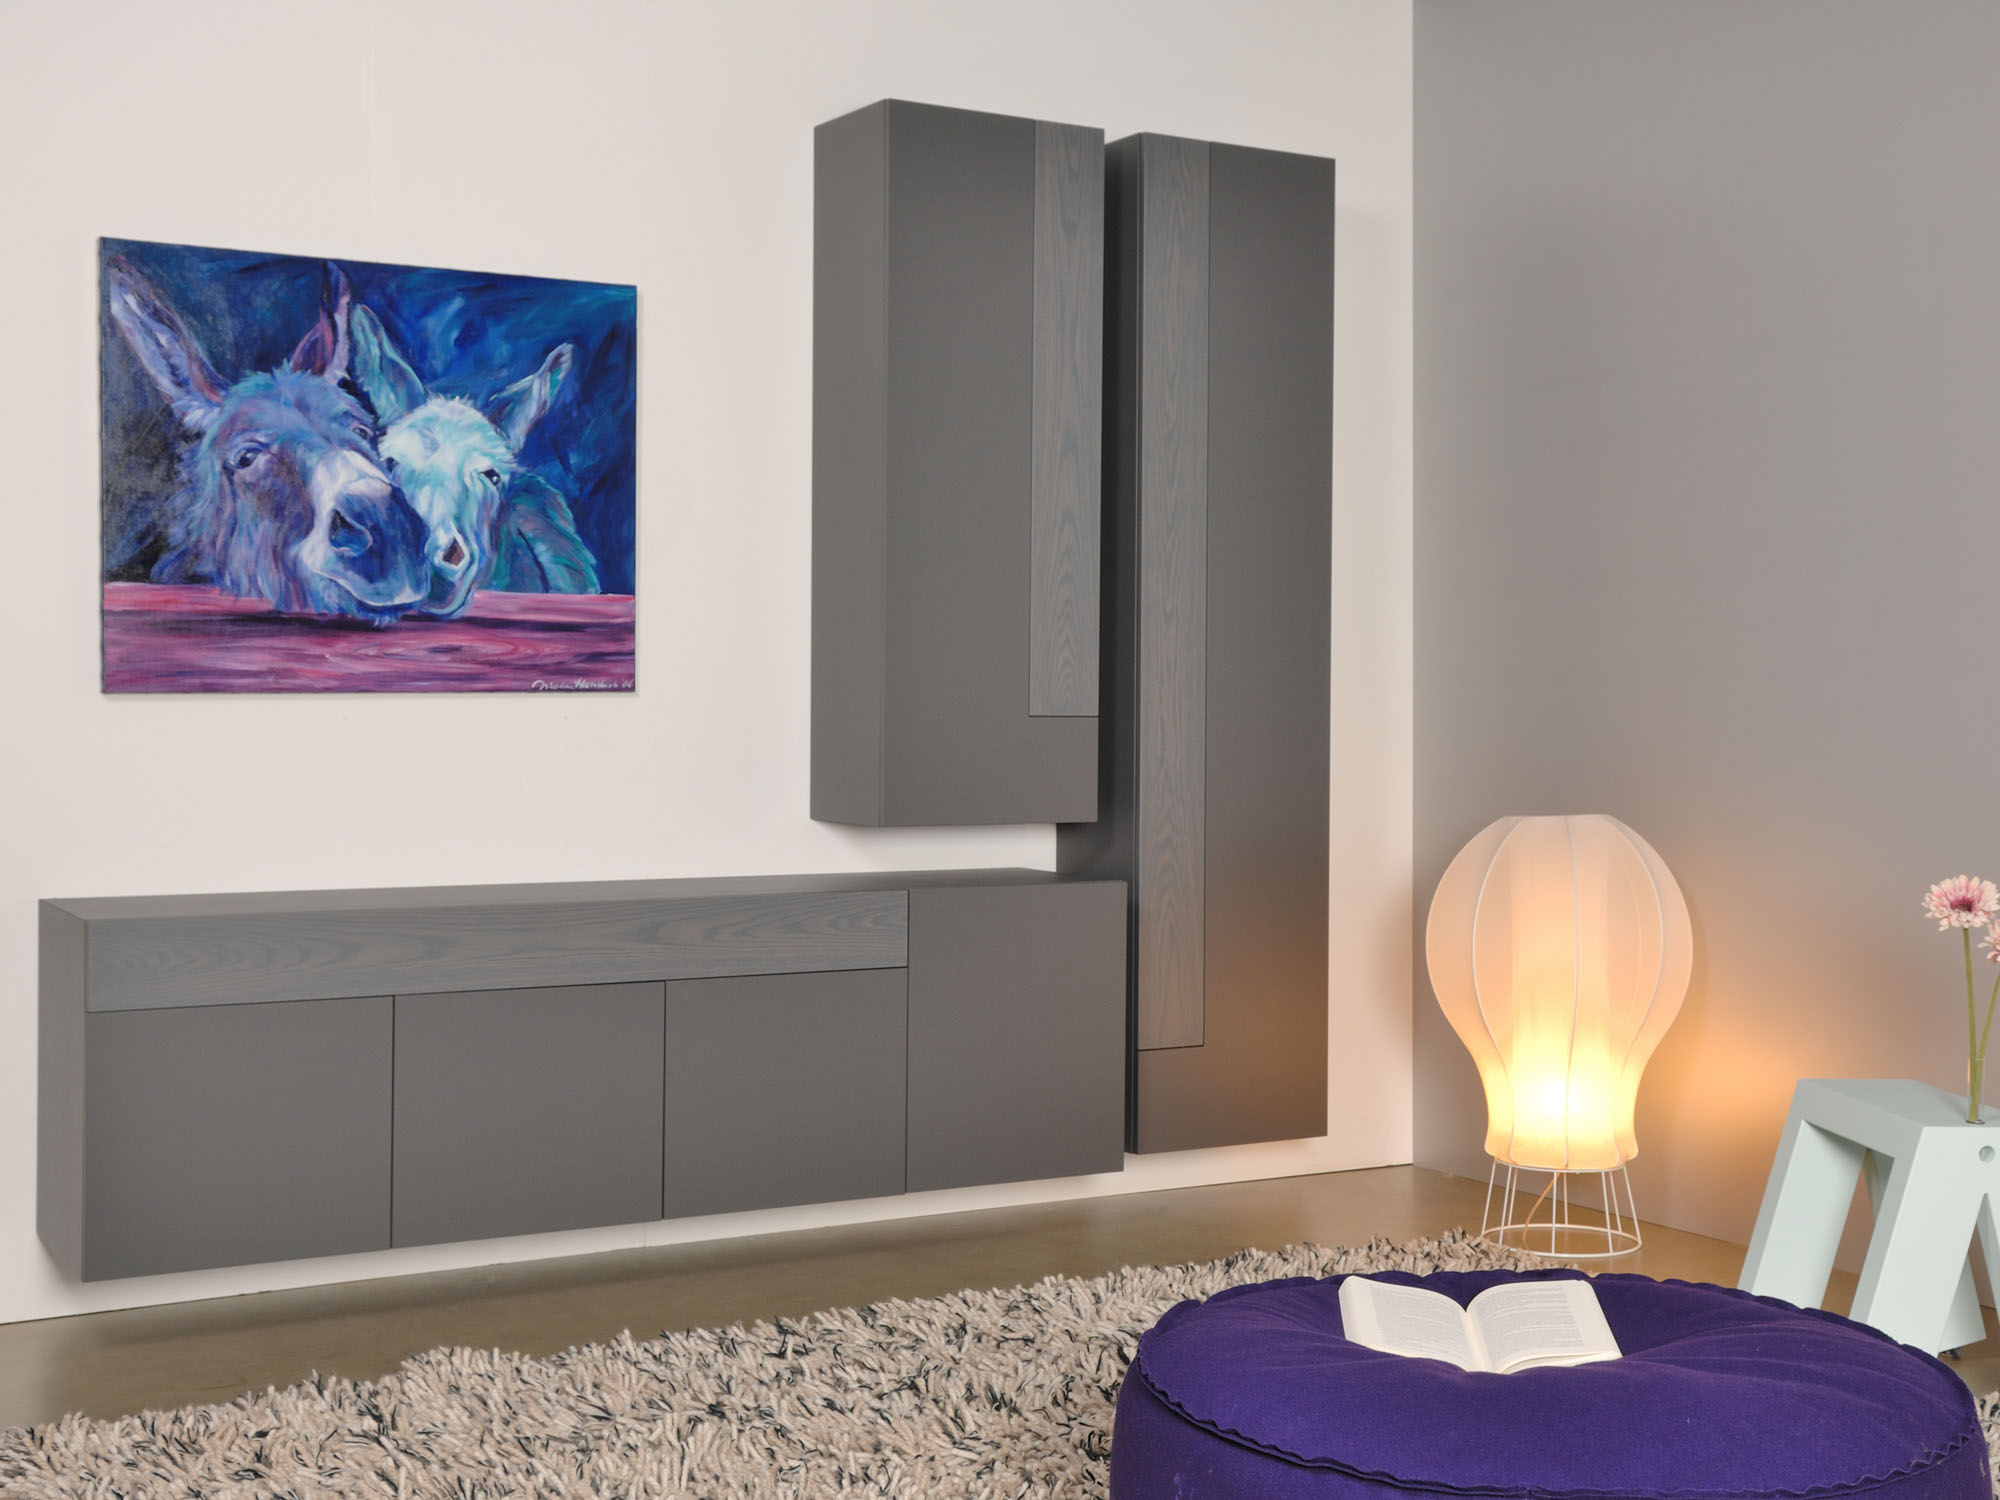 SOLO wandcombinatie, ontwerp door Castelijn Team